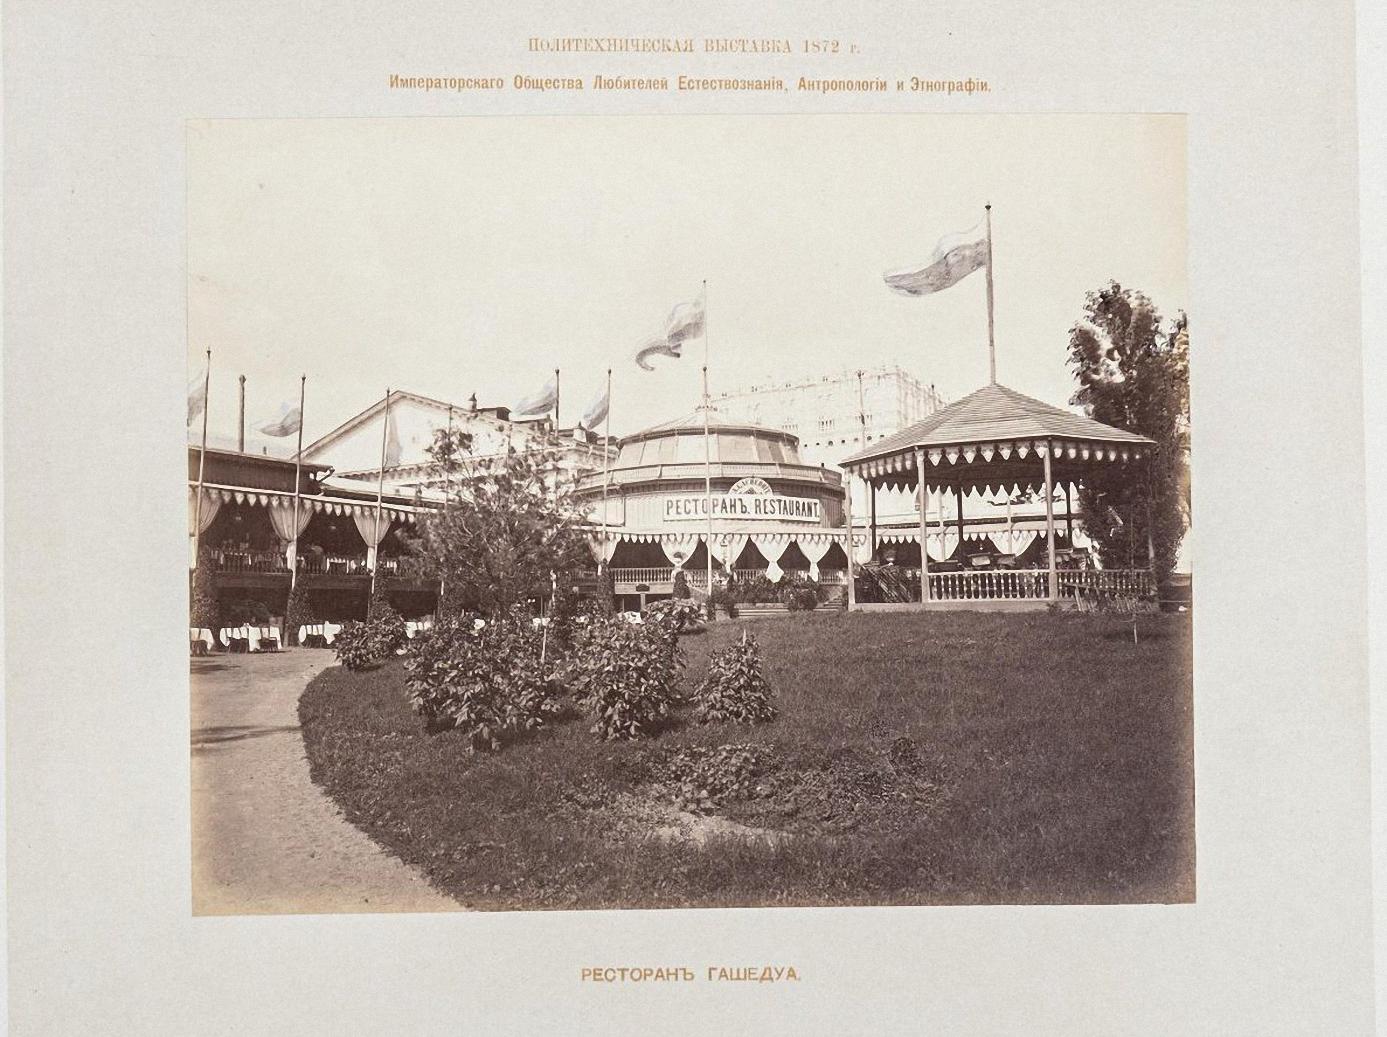 1872. Политехническая выставка. Часть 2